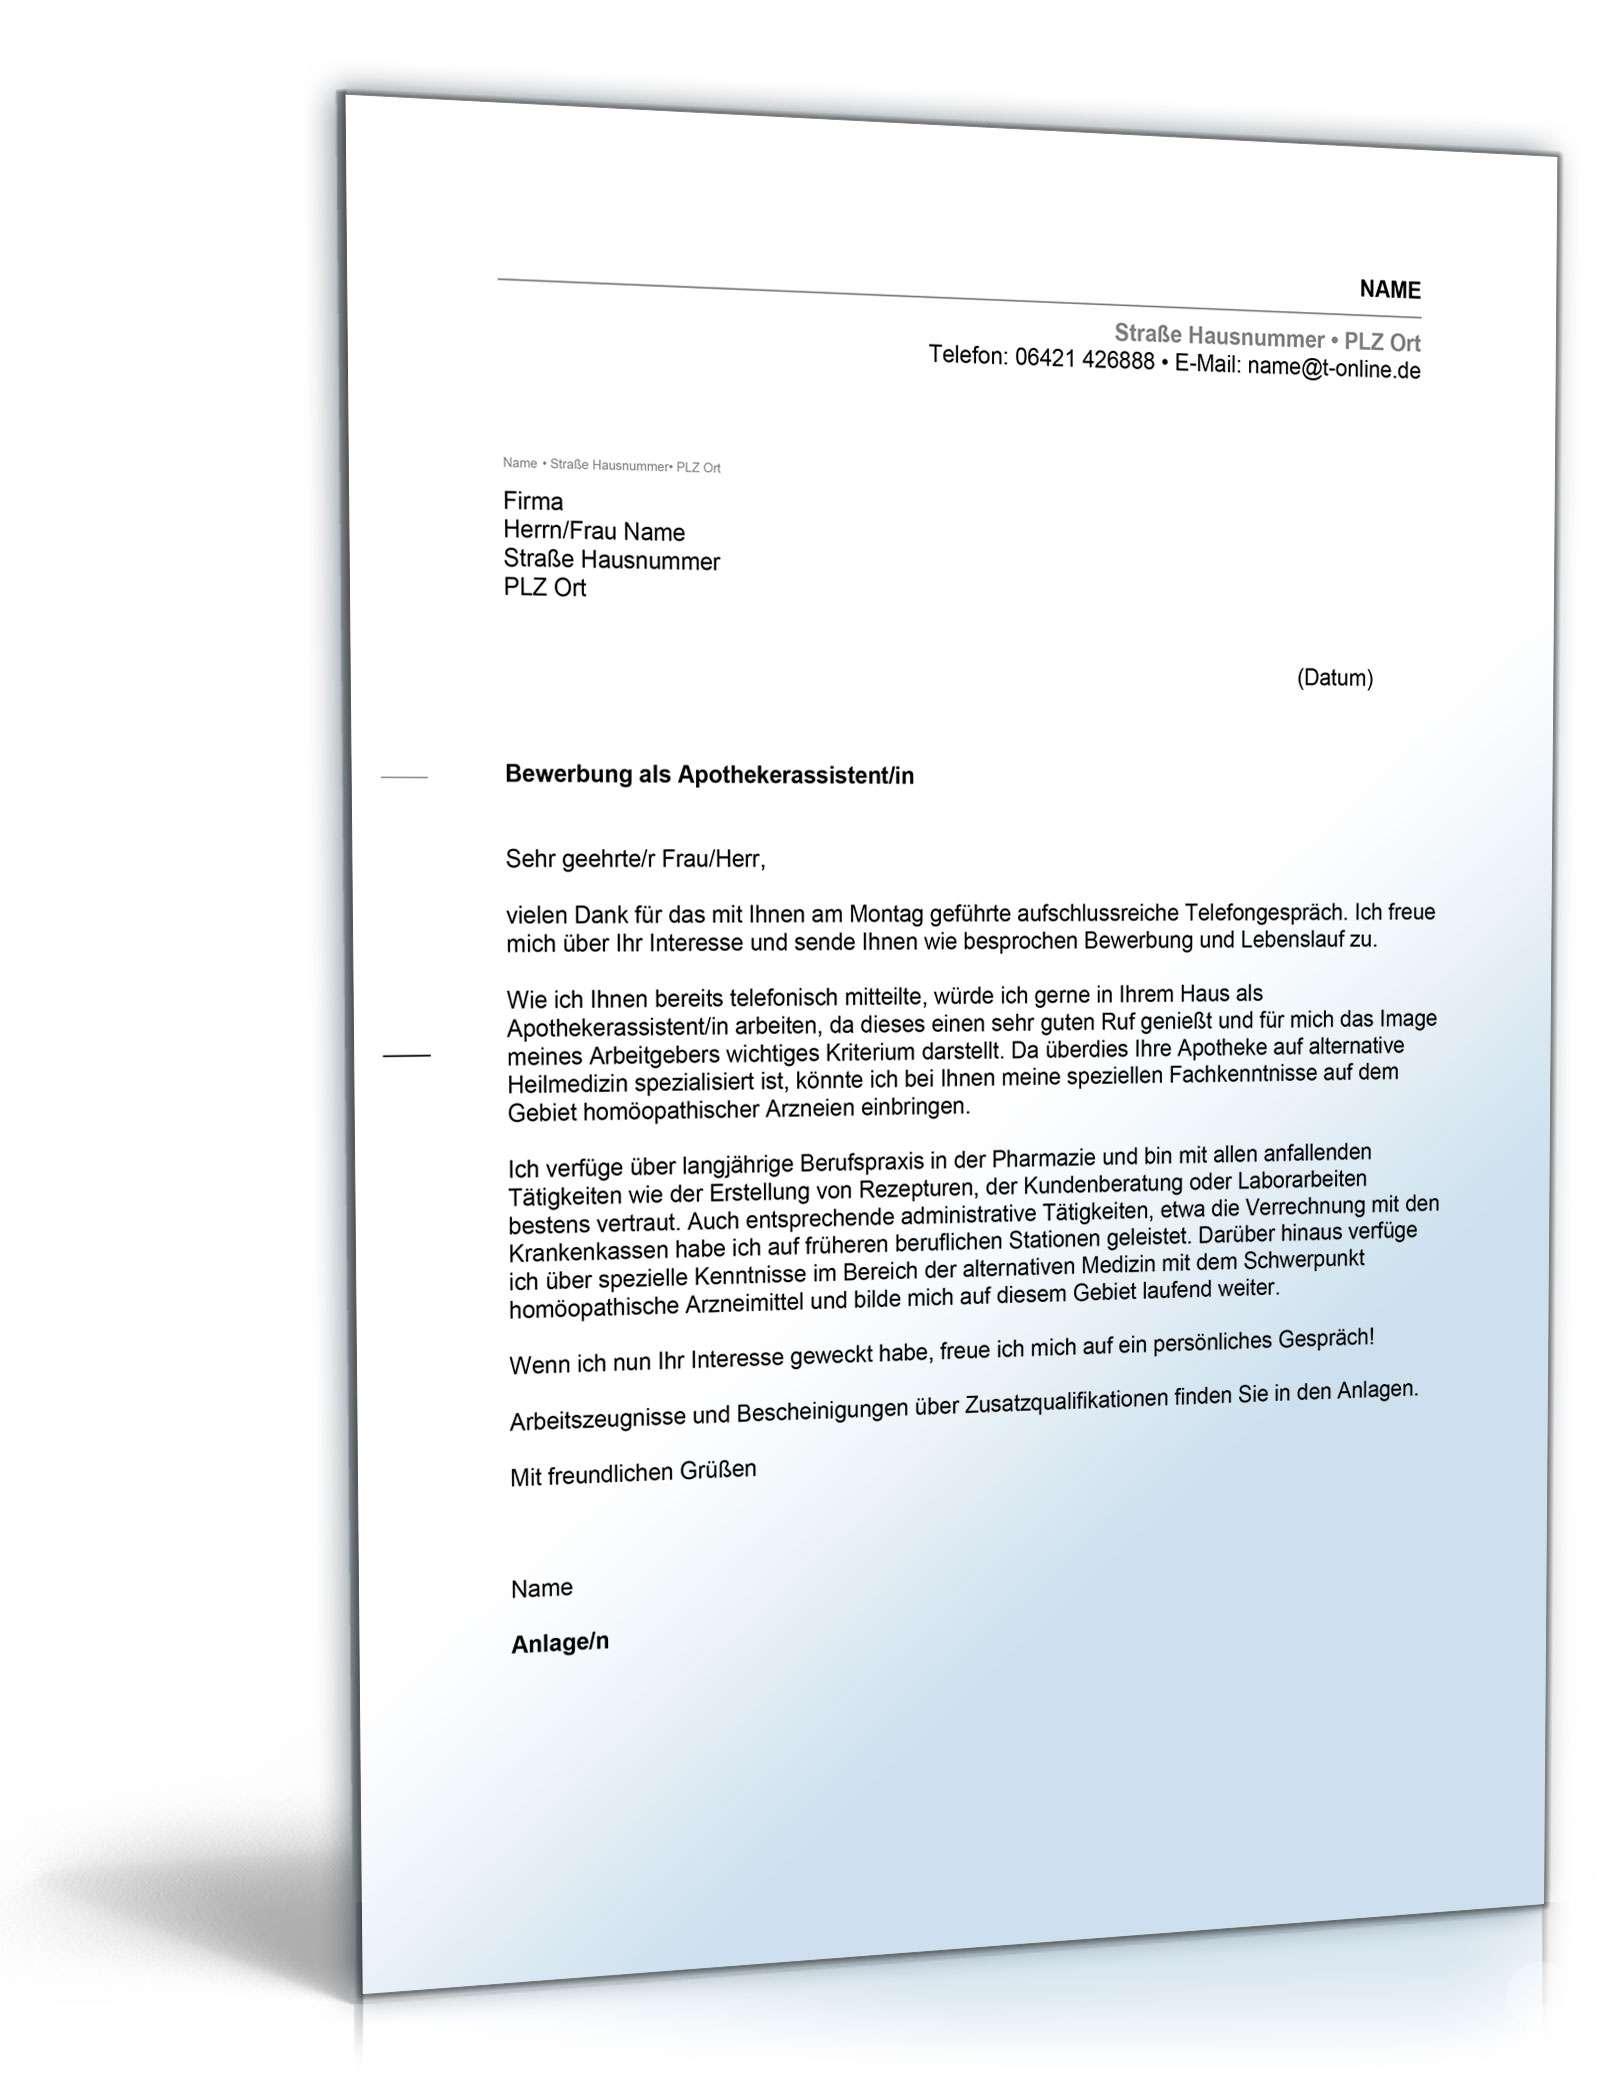 Anschreiben Bewerbung Assistent Apotheke | Muster zum Download